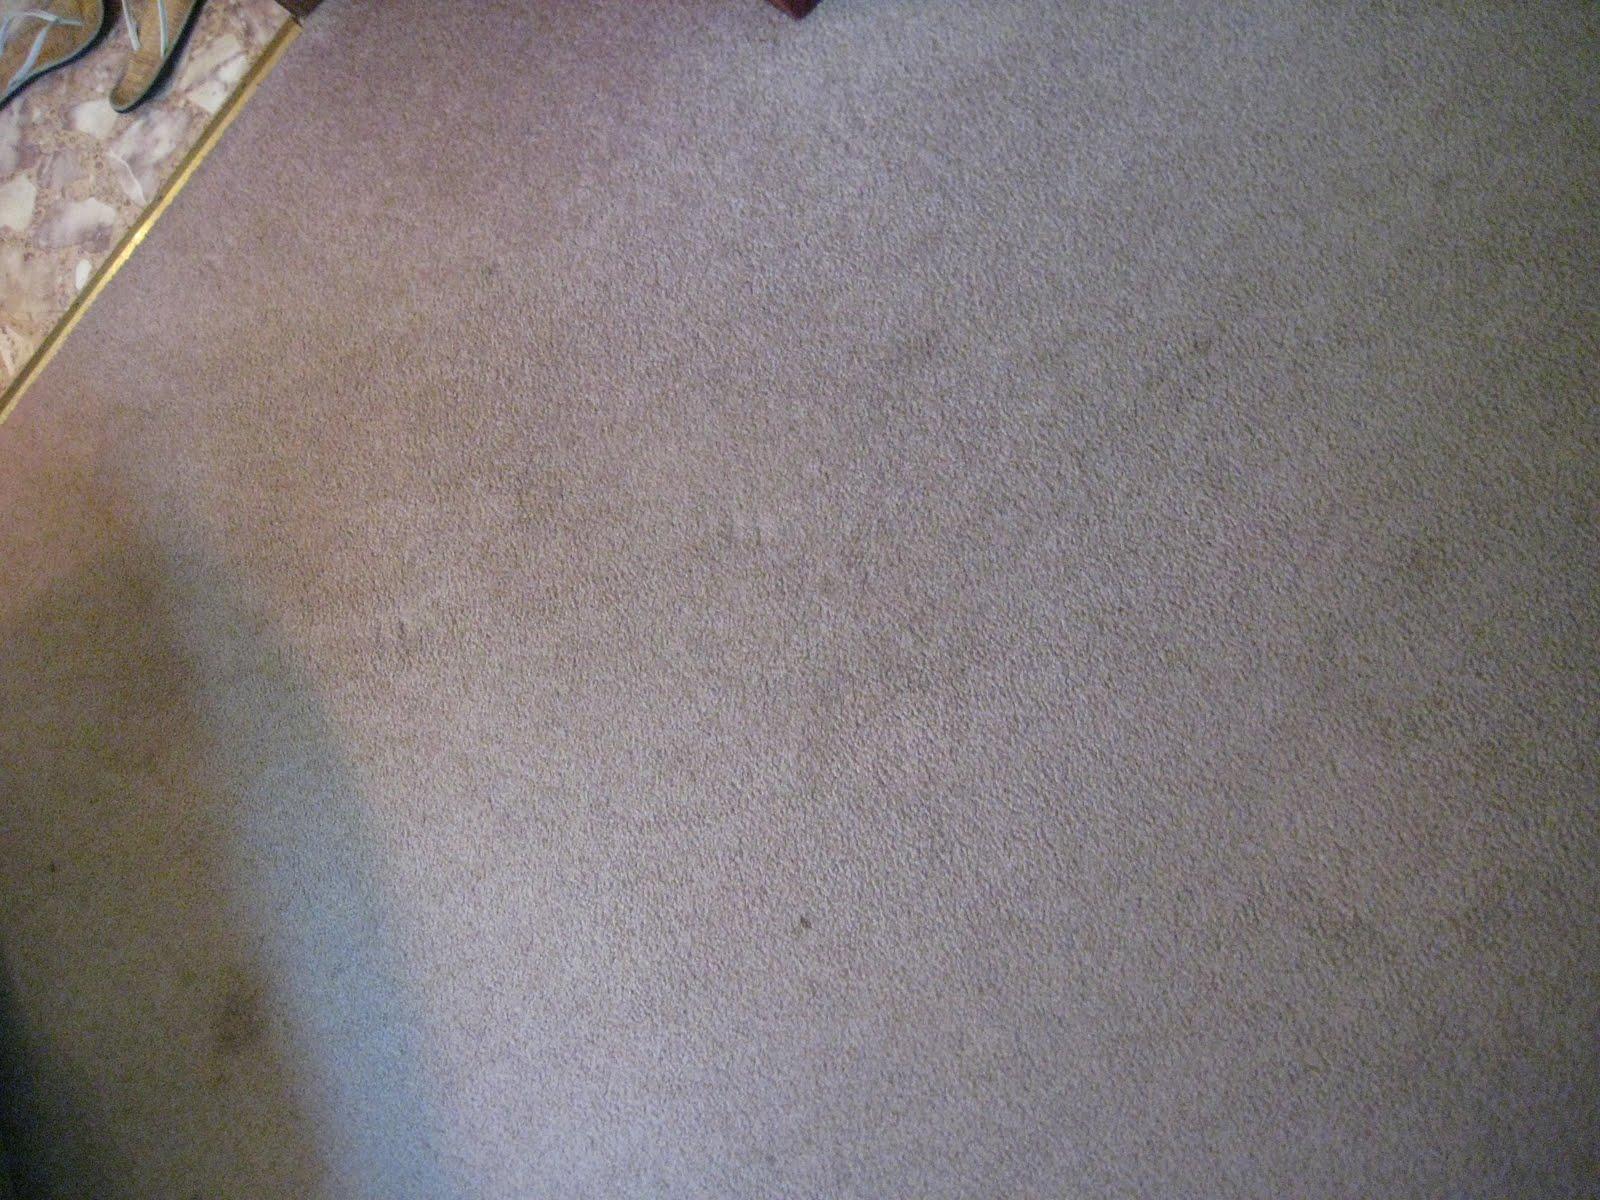 Quarry Orchard Homemade Carpet Shampoo